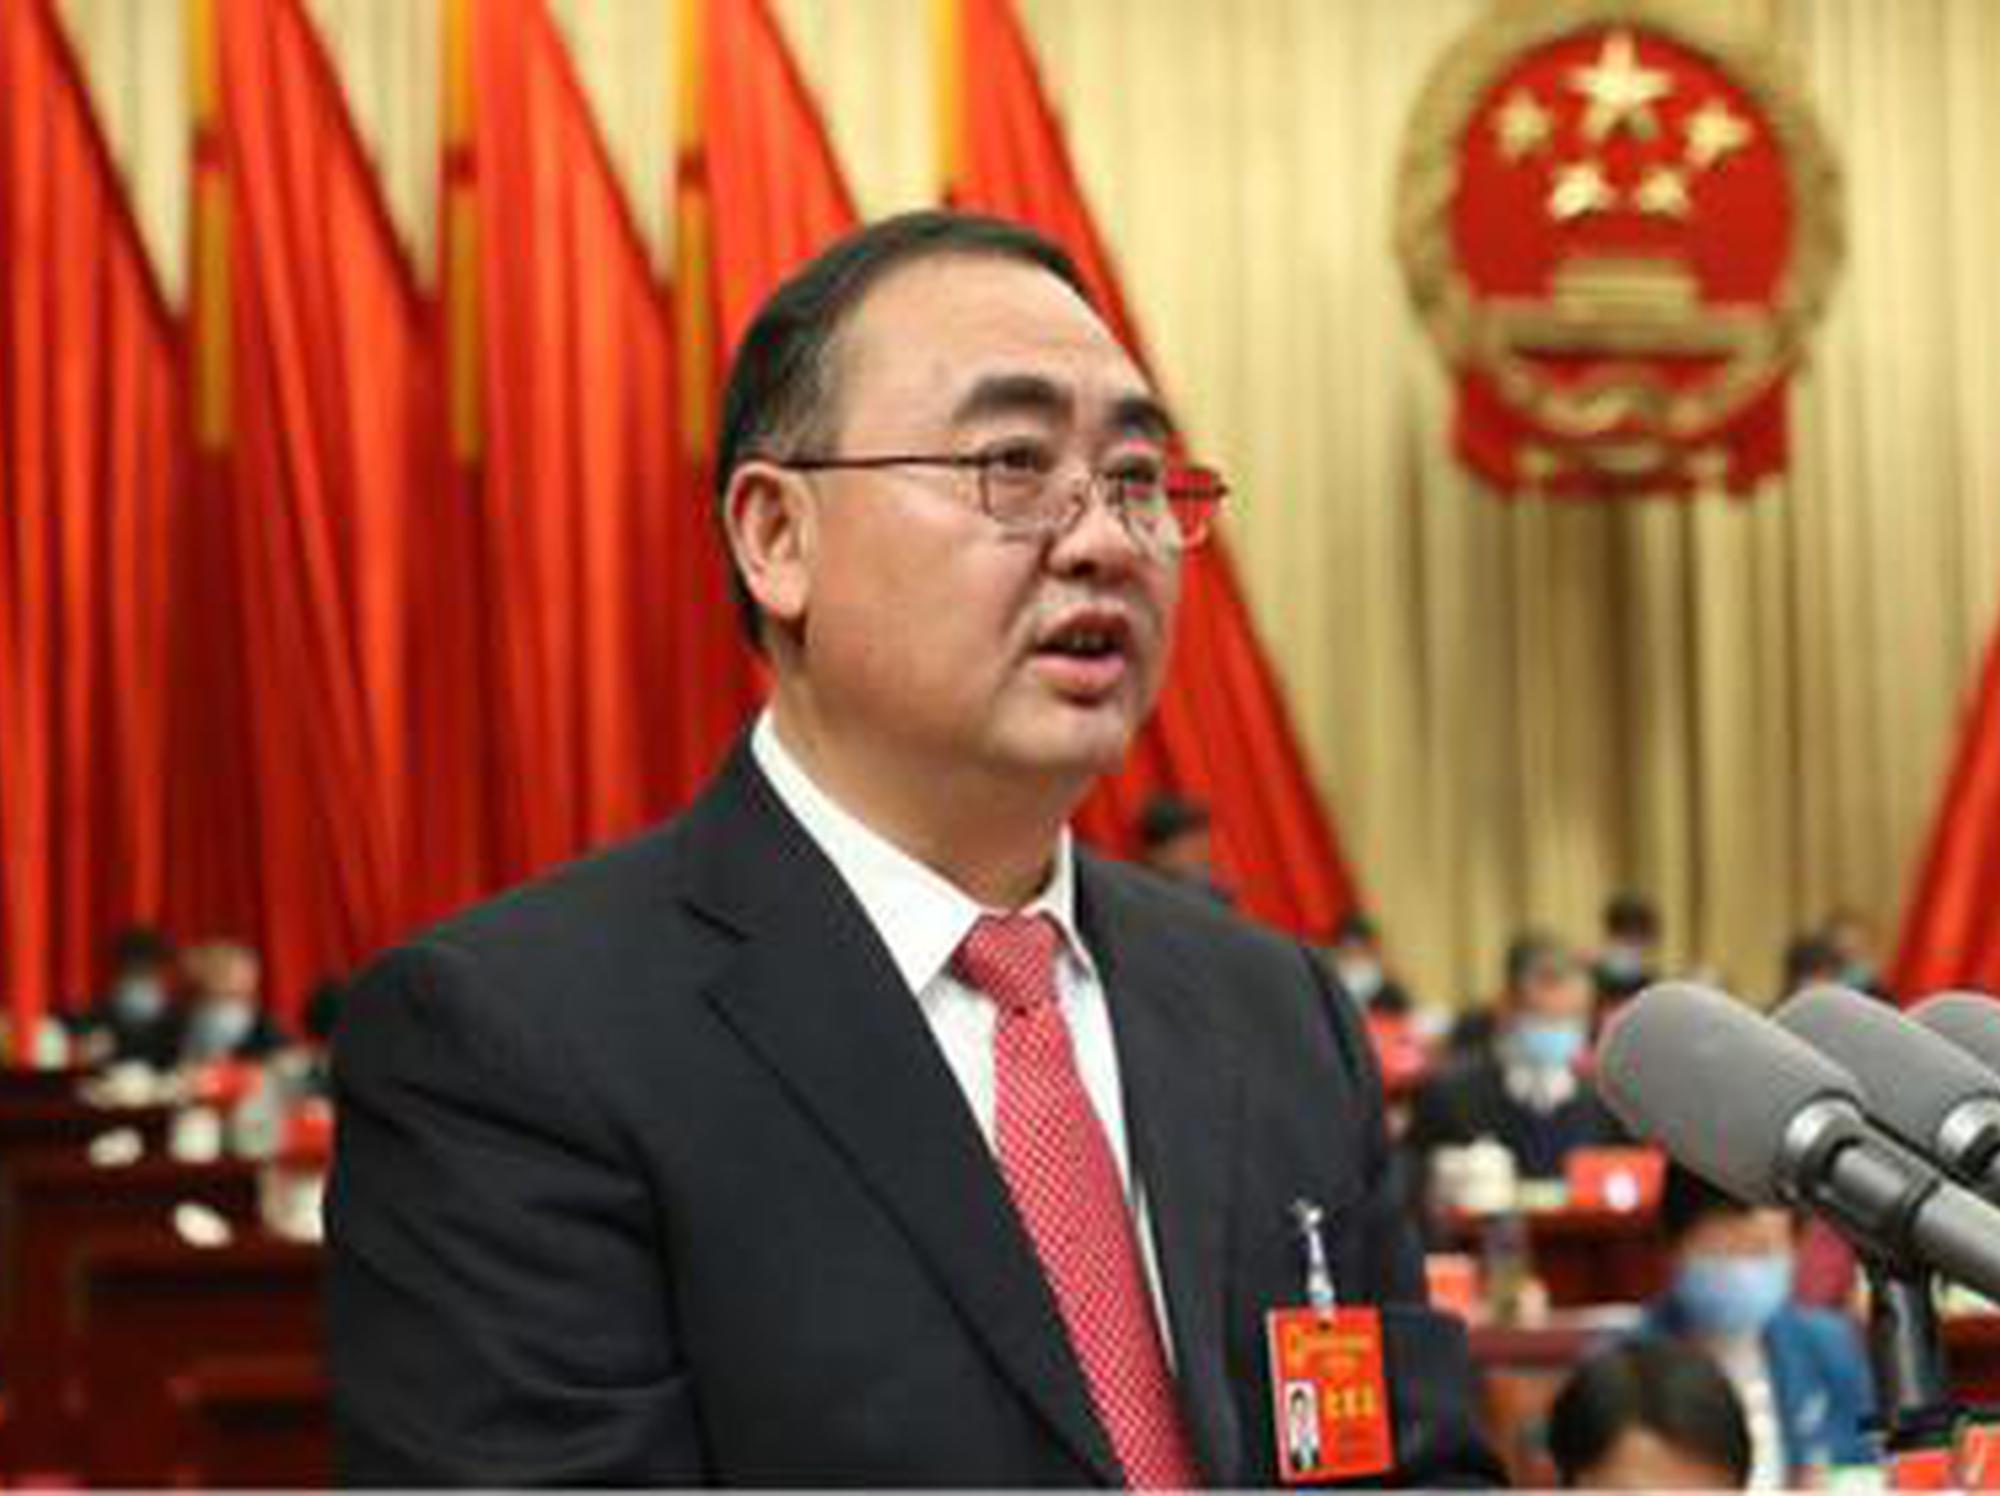 http://ah.sina.com.cn/news/2021-01-22/detail-ikftpnny0569120.shtml